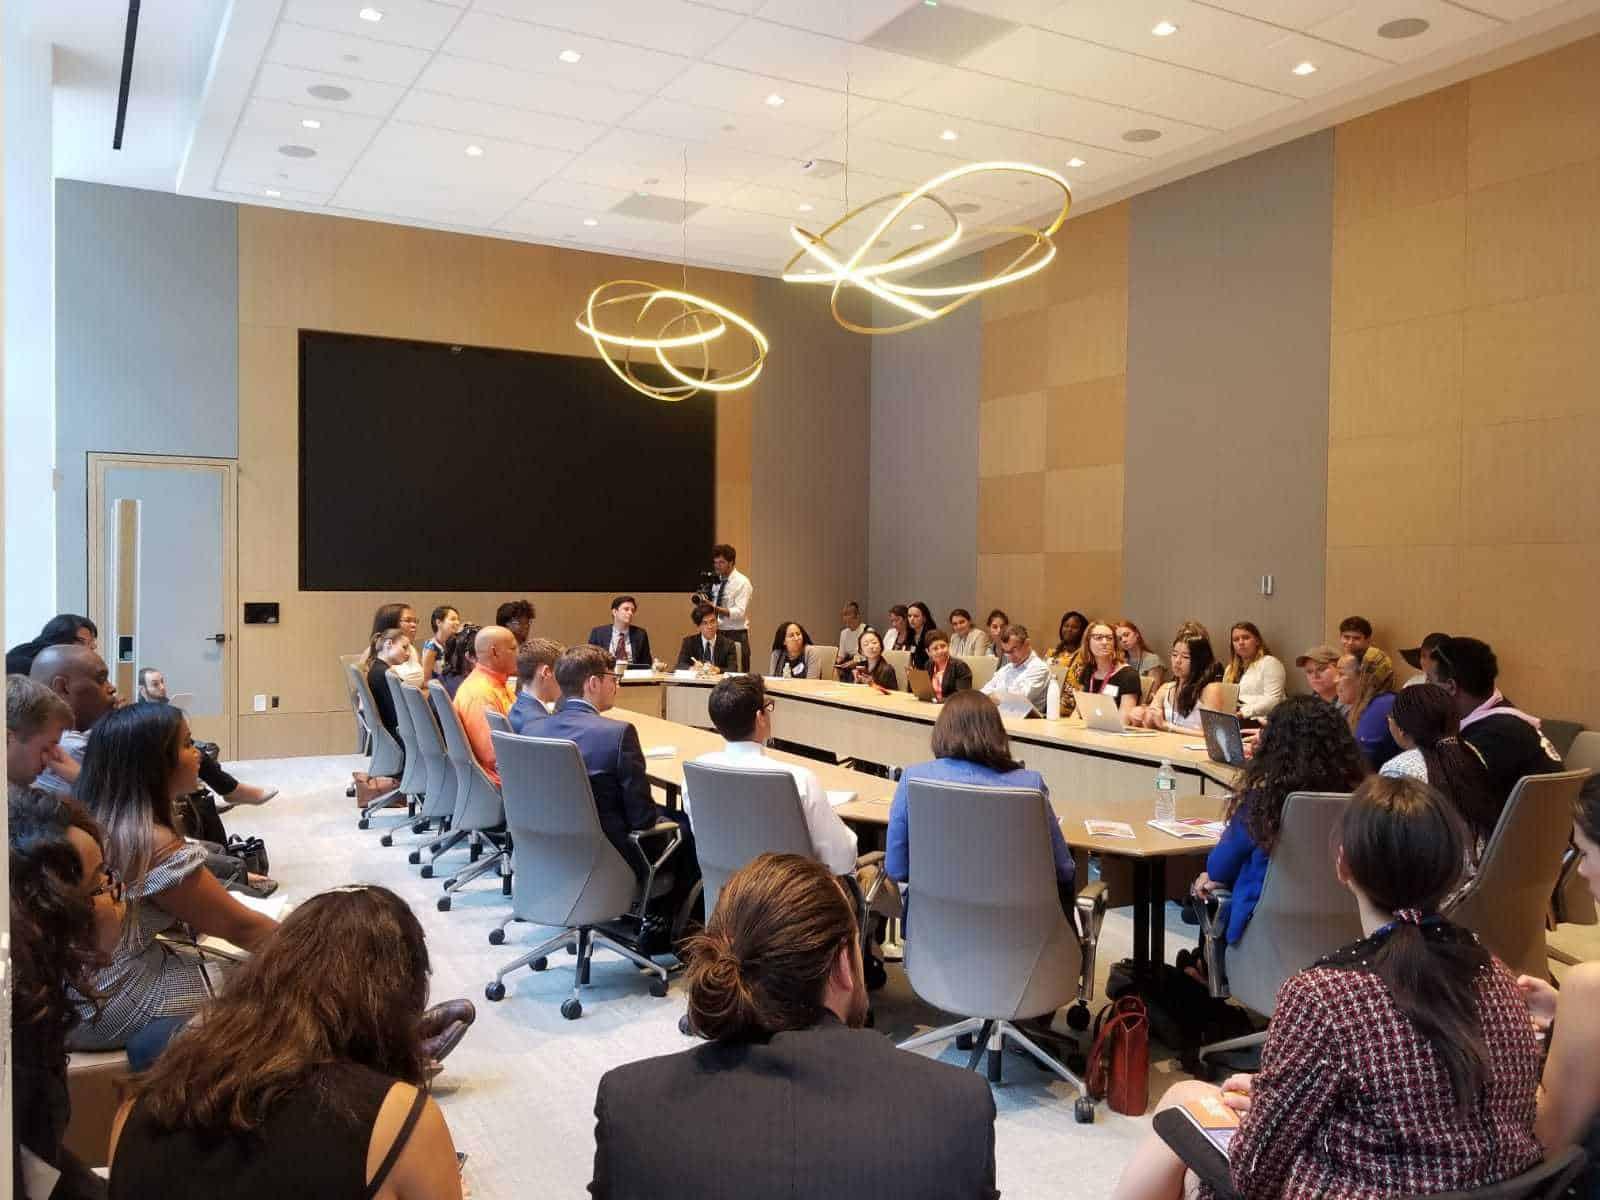 Als Jugendbotschafterin für UN-Kinderrechte und SDGs in New York 3